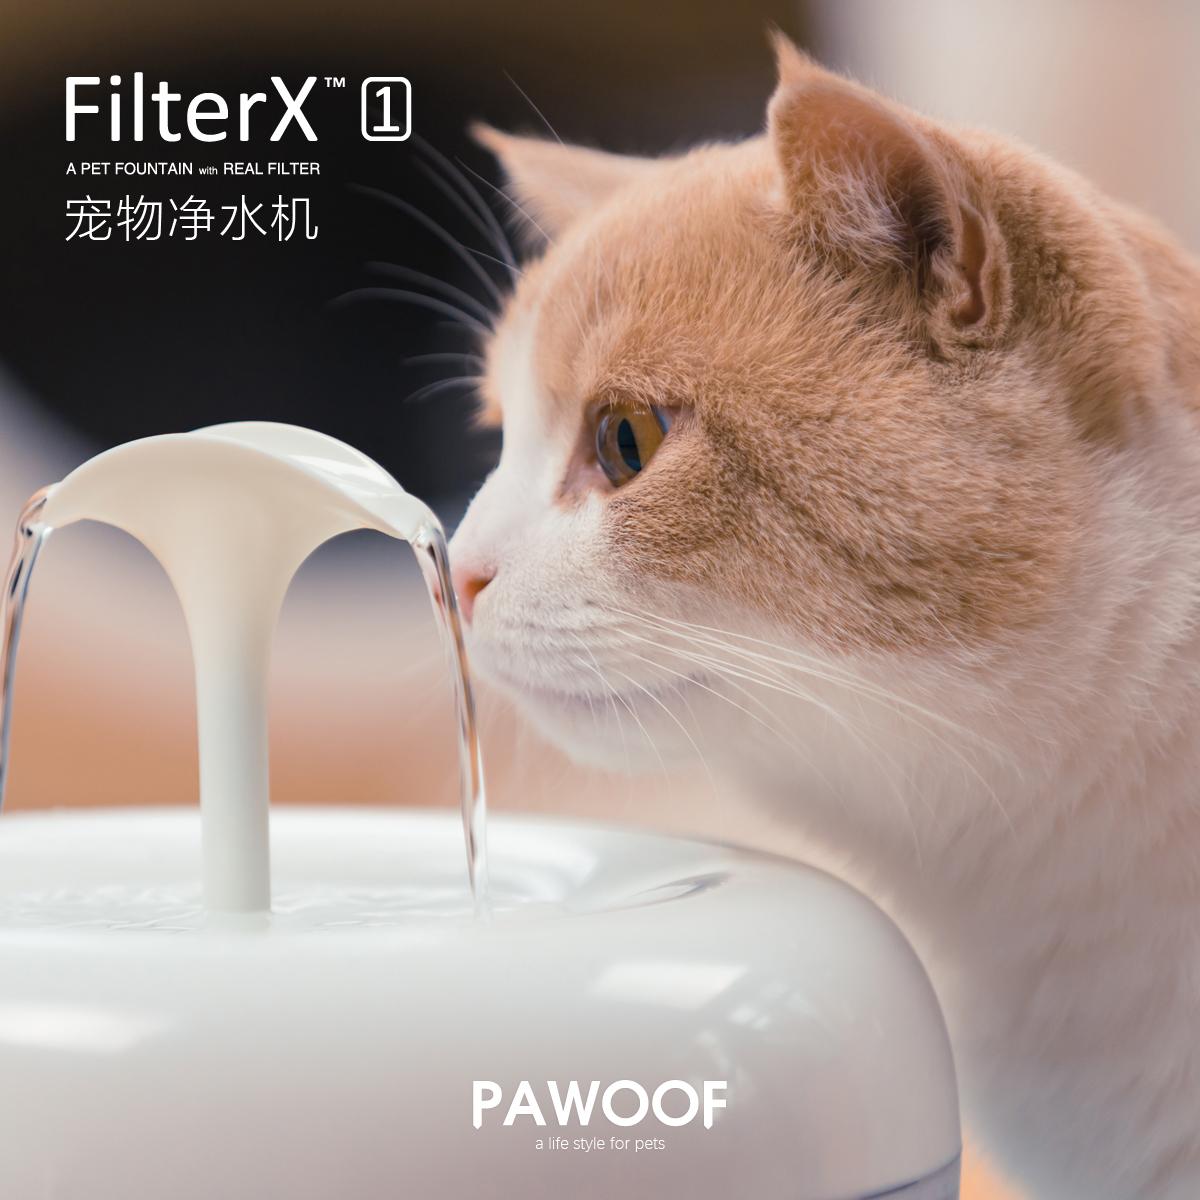 美国酷极 FilterX猫咪饮水机自动循环静音过滤杂质宠物饮水器净水